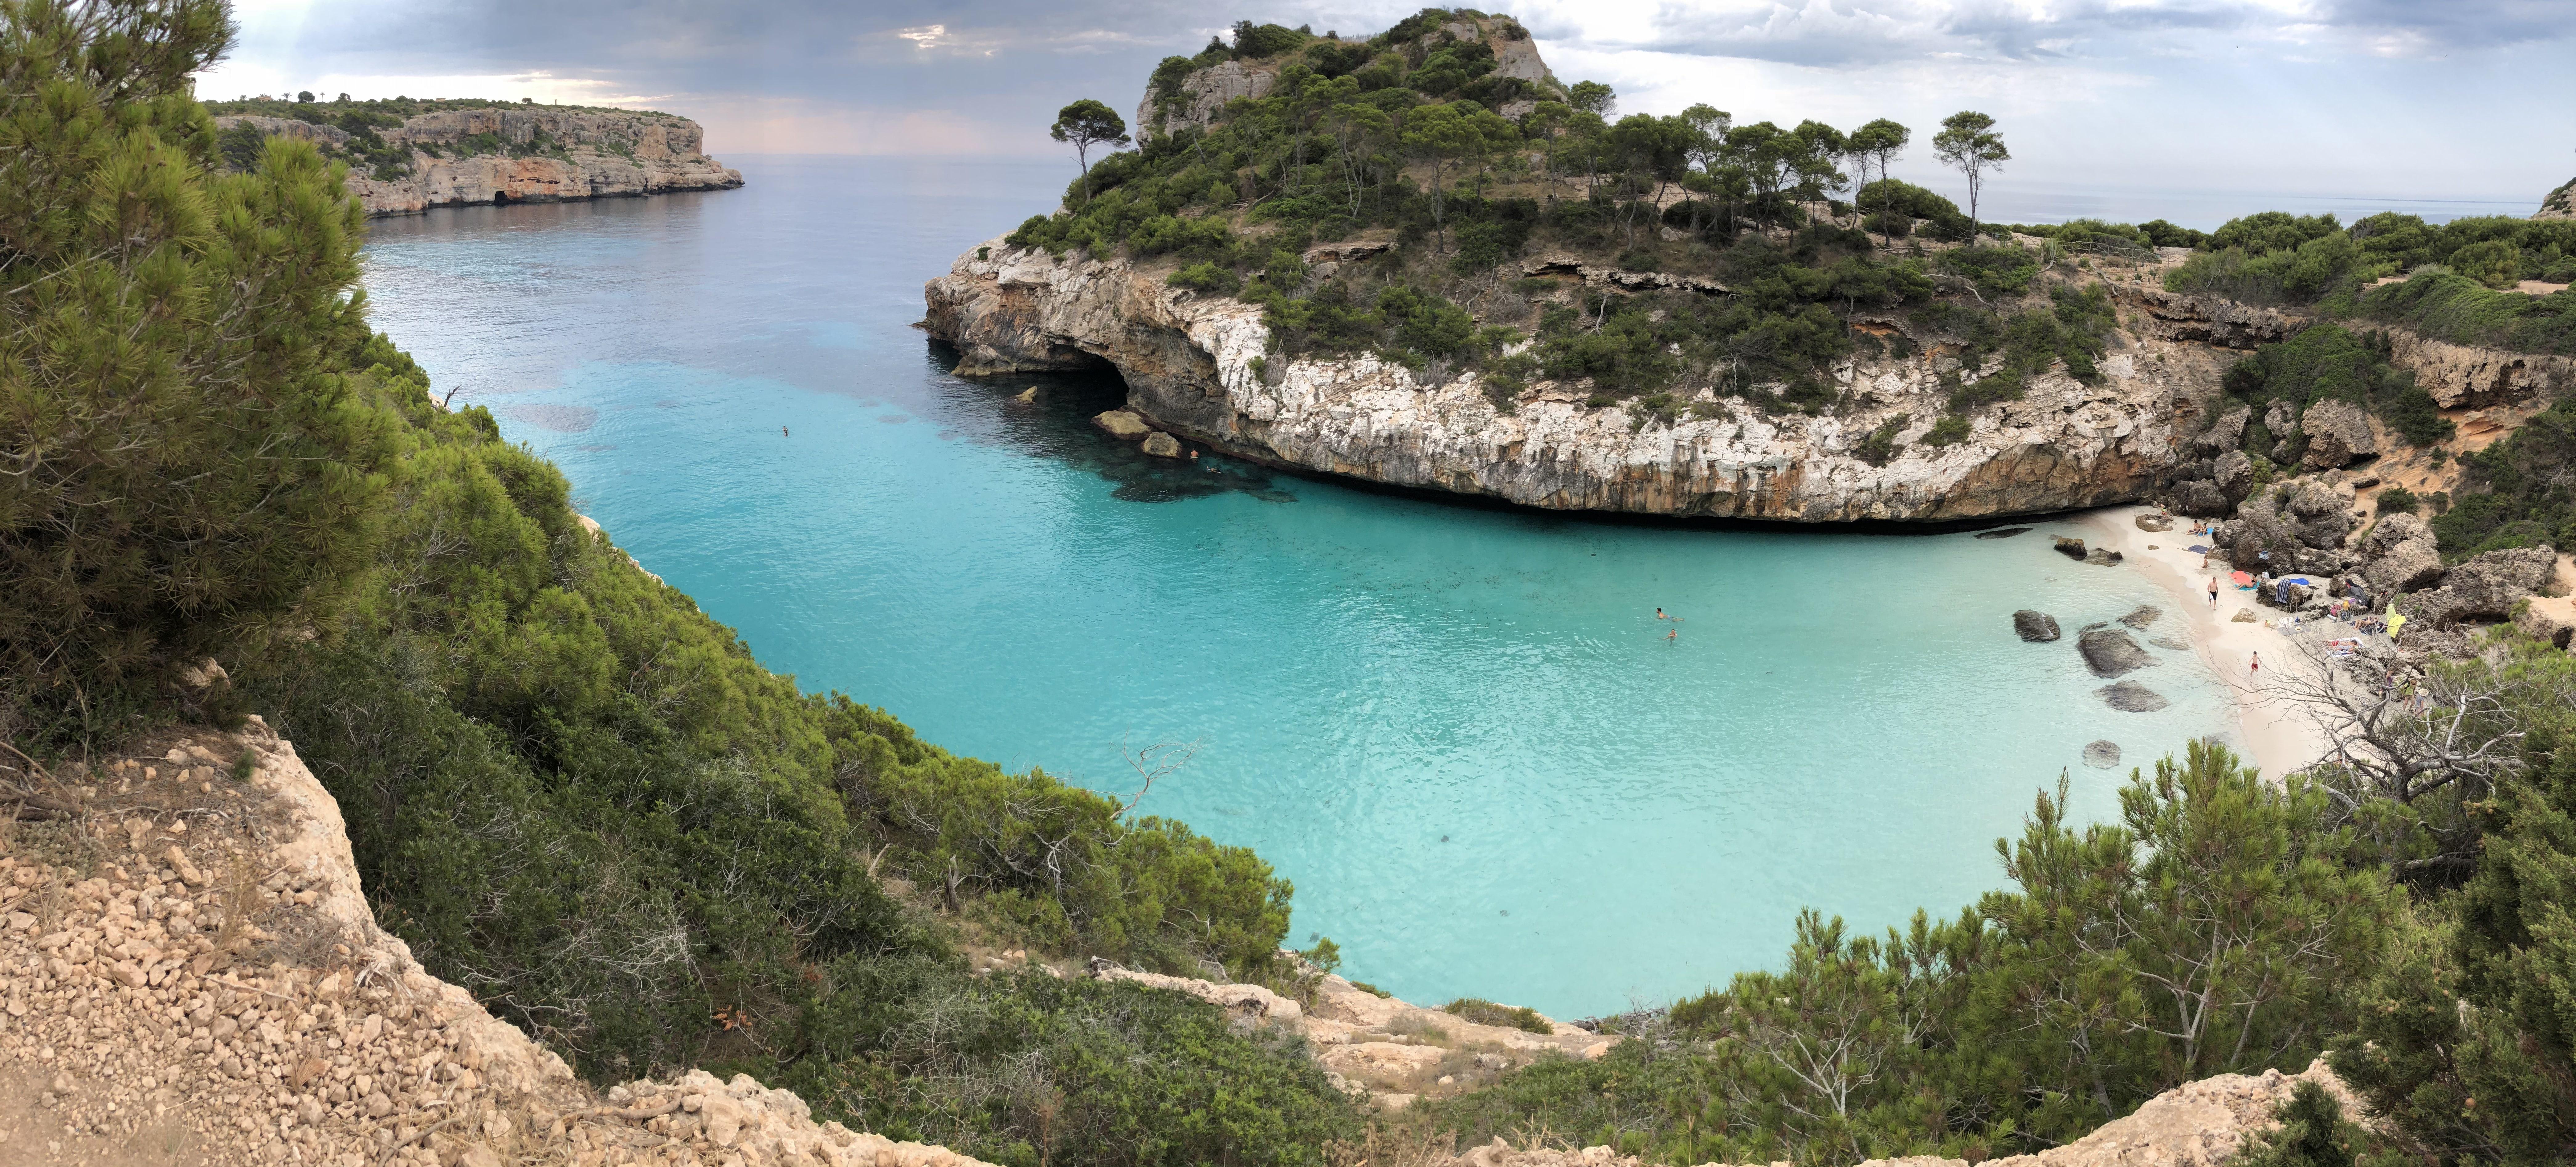 Calo del moro, l'une des plues belles plages de Majorque